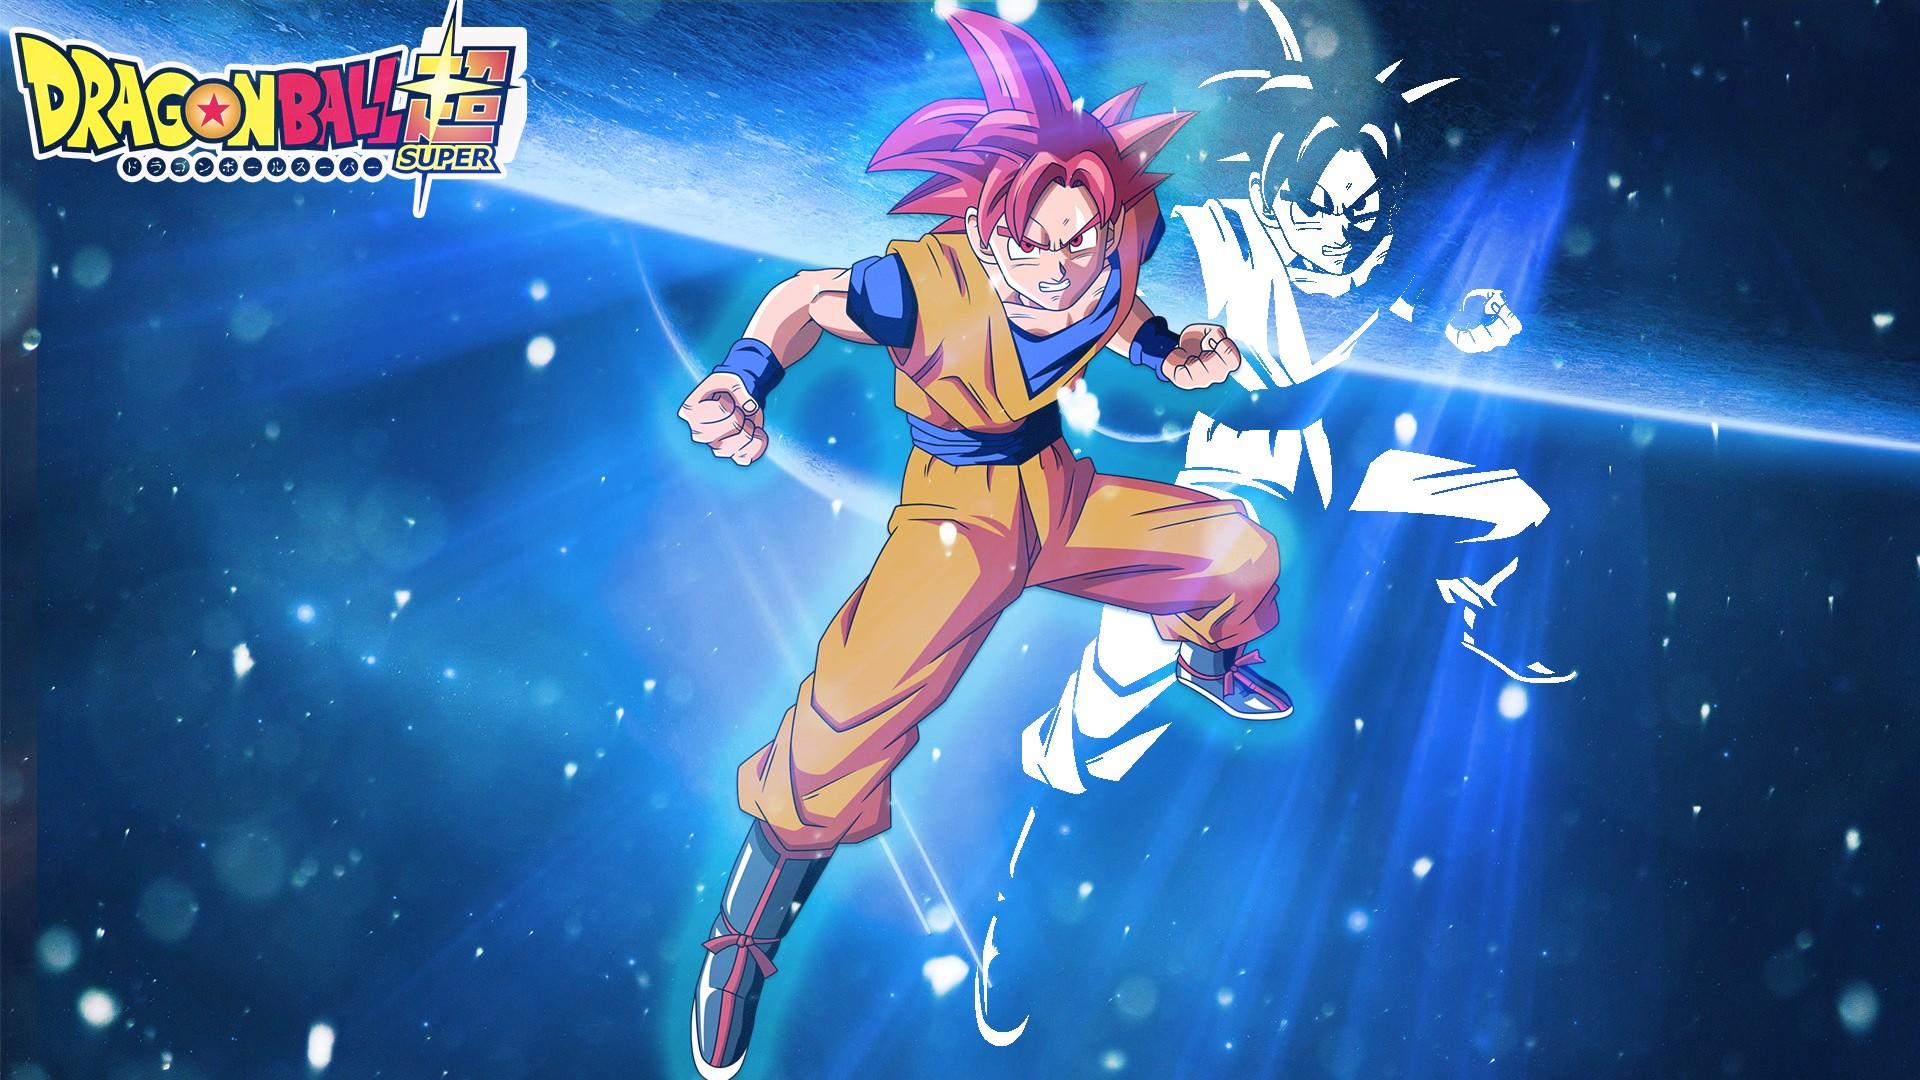 Wallpaper 1920x1080 Px Anime Boys Dragon Ball Son Goku